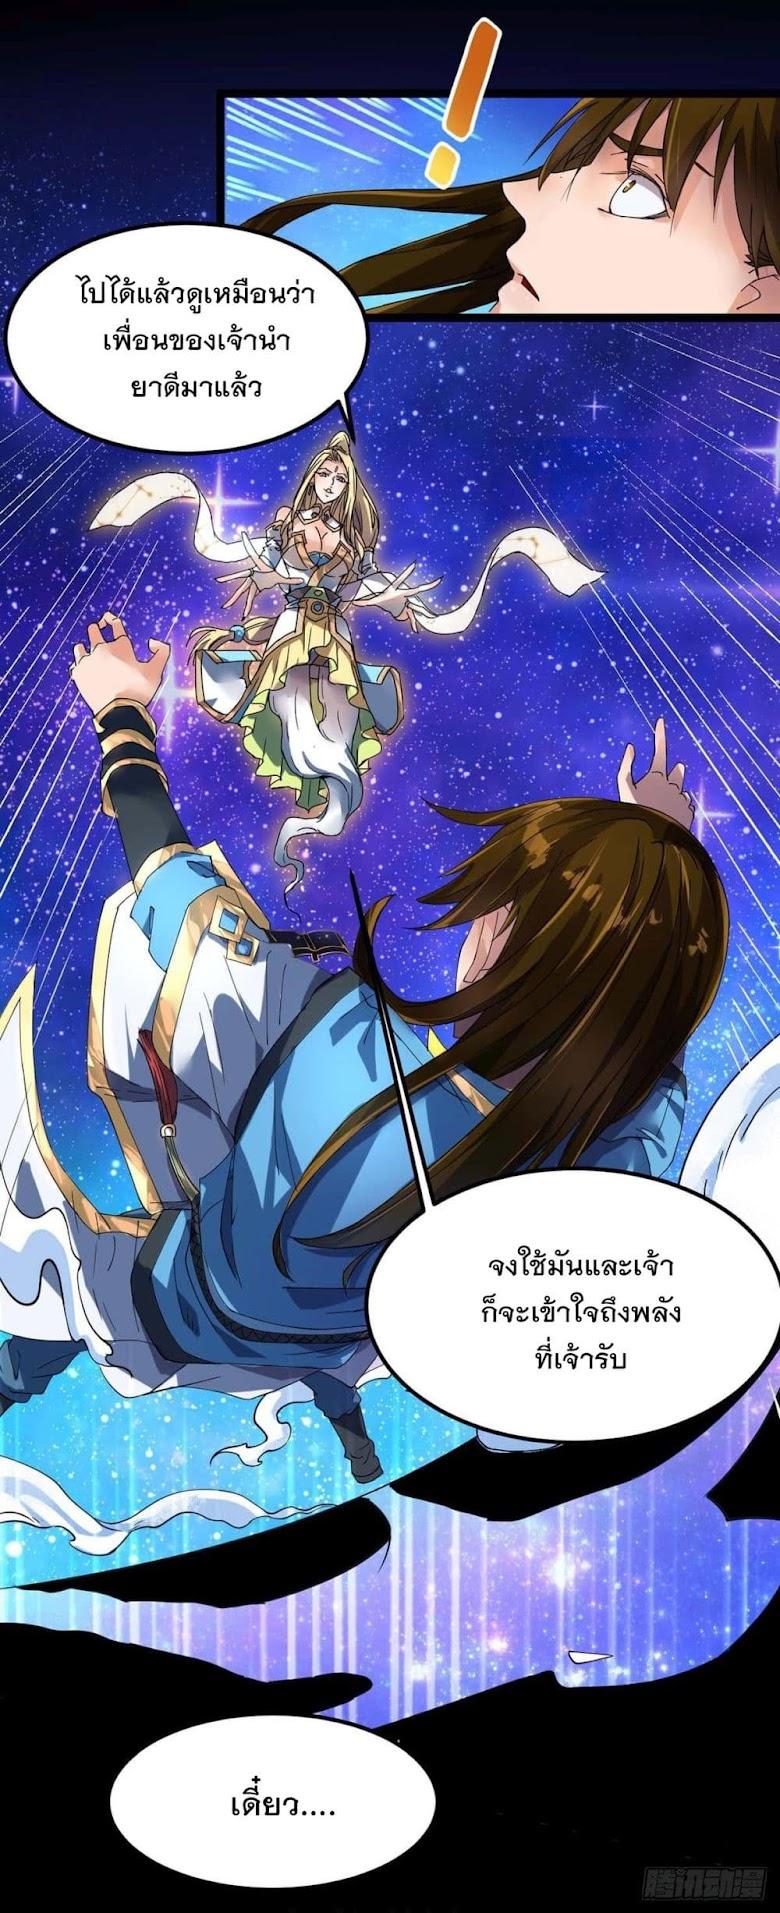 Danwu Supreme - หน้า 23